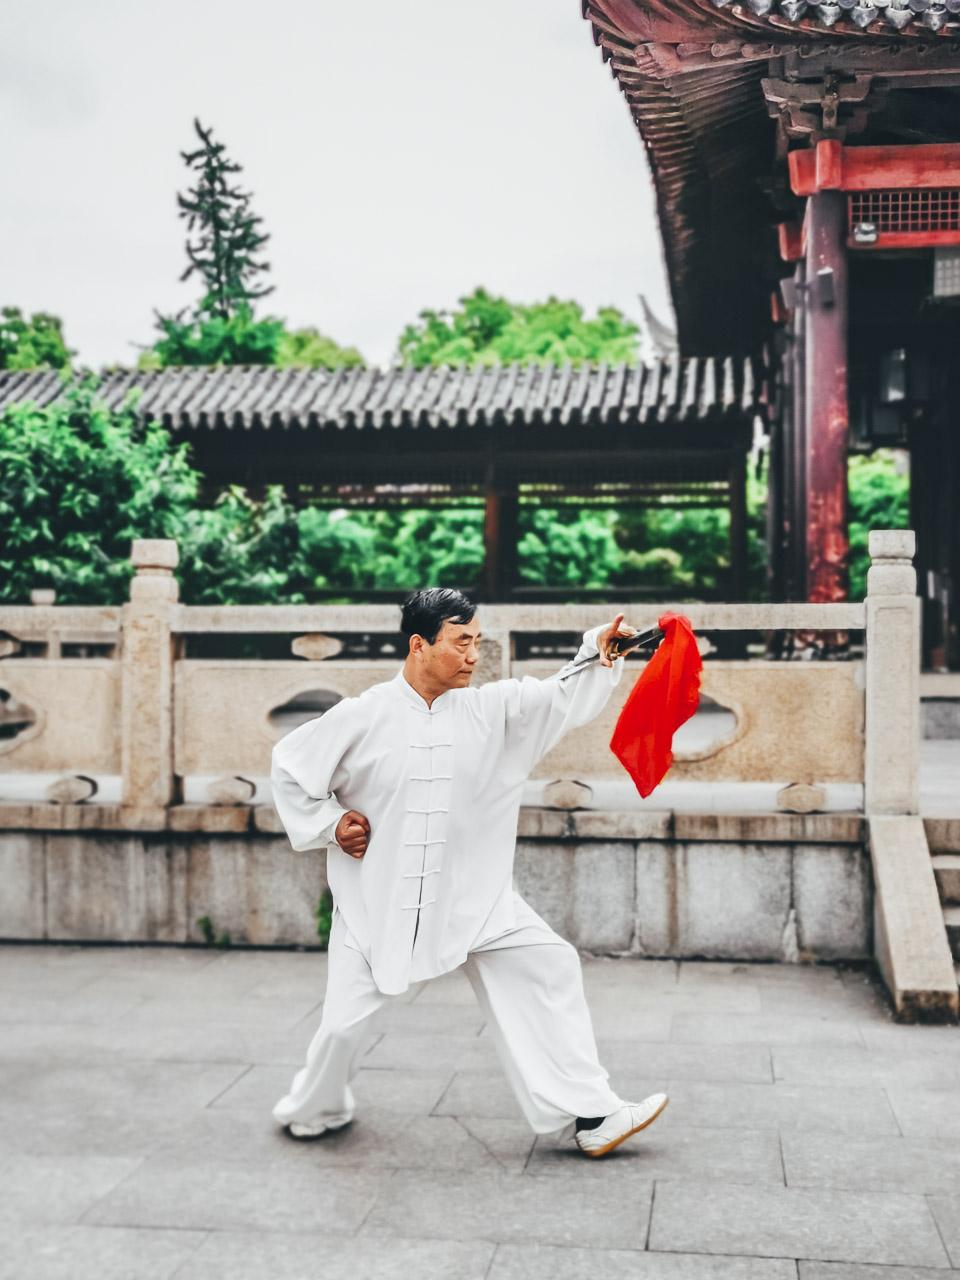 Master Yang is a Tai Chi Master